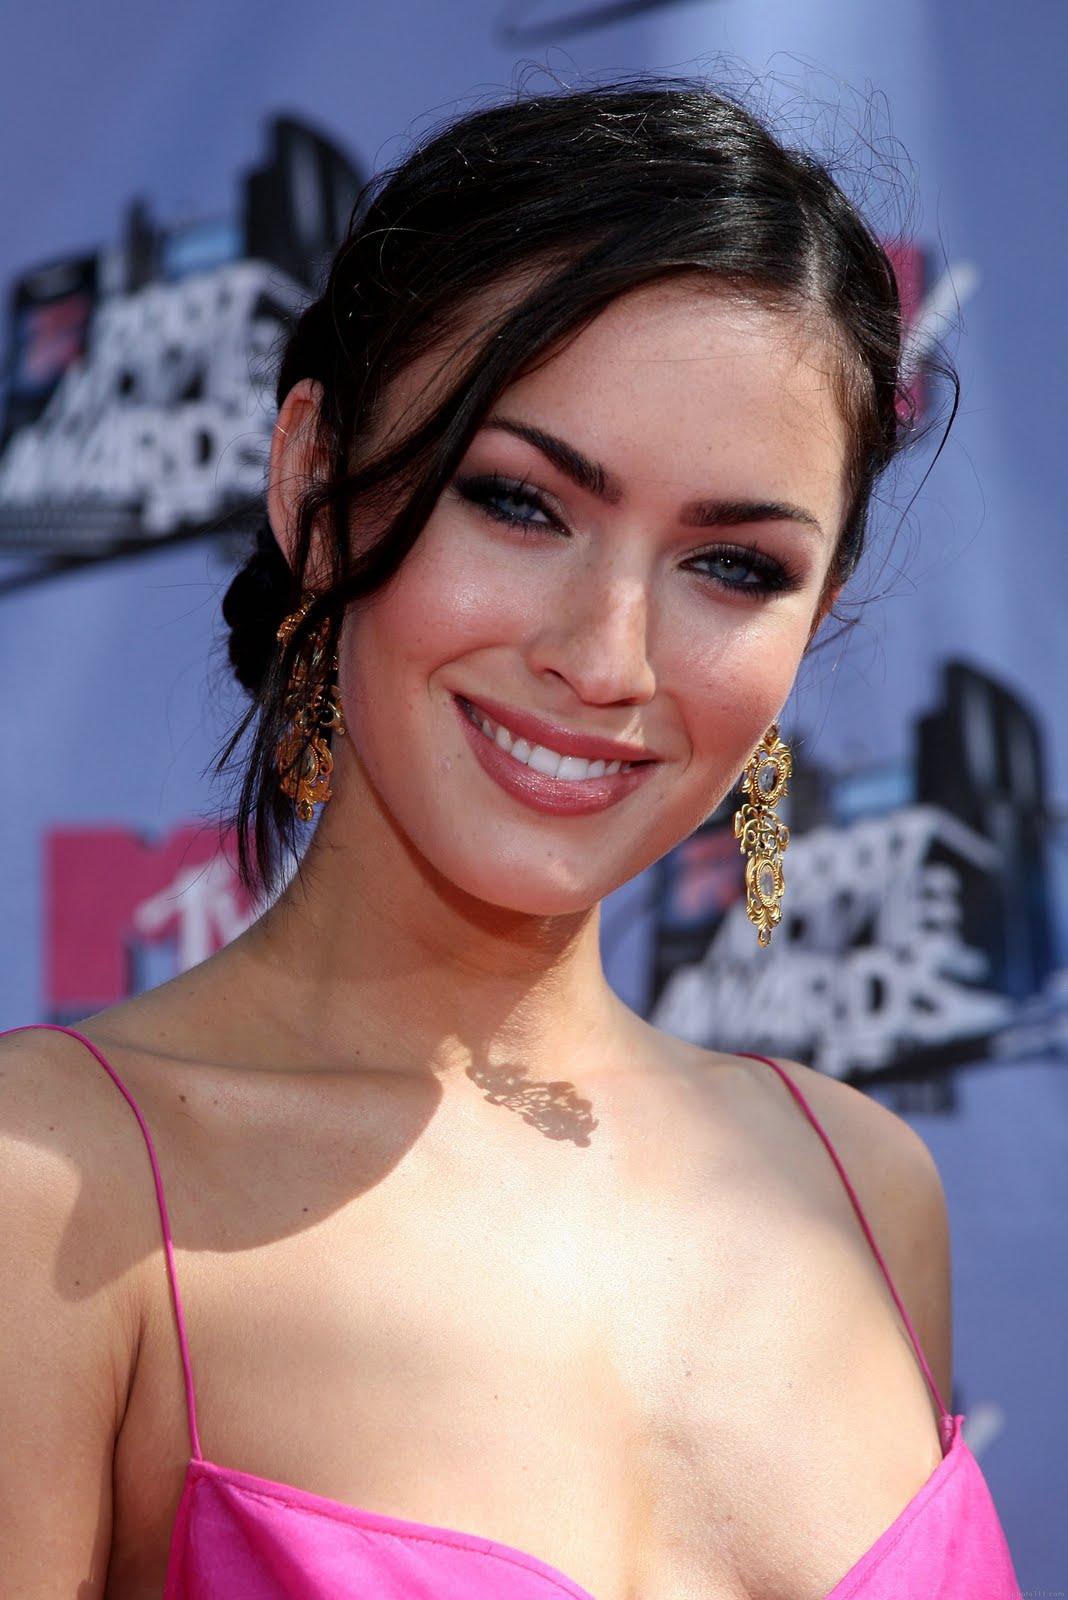 Hot Actress Megan